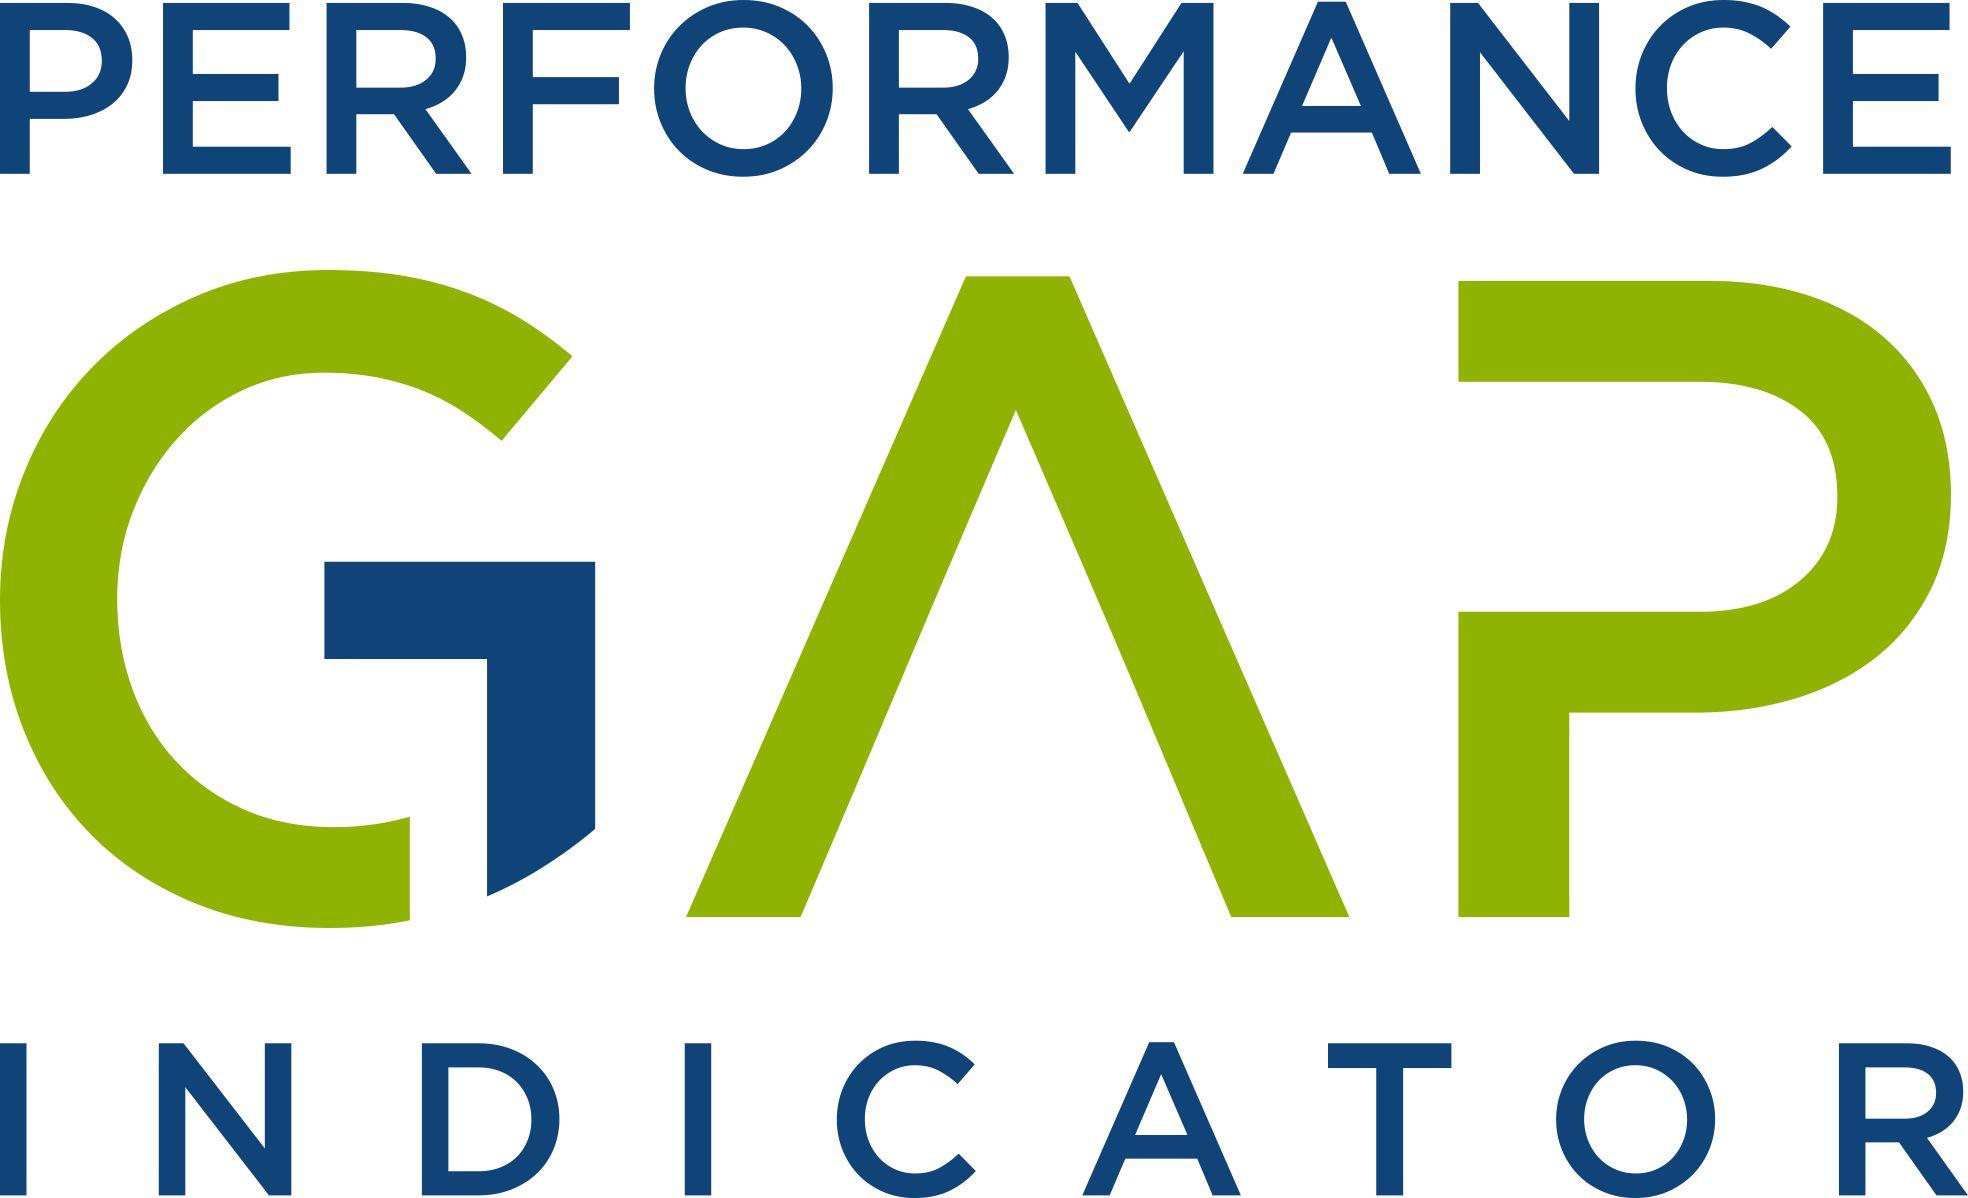 Berkana's Performance Gap Indicator